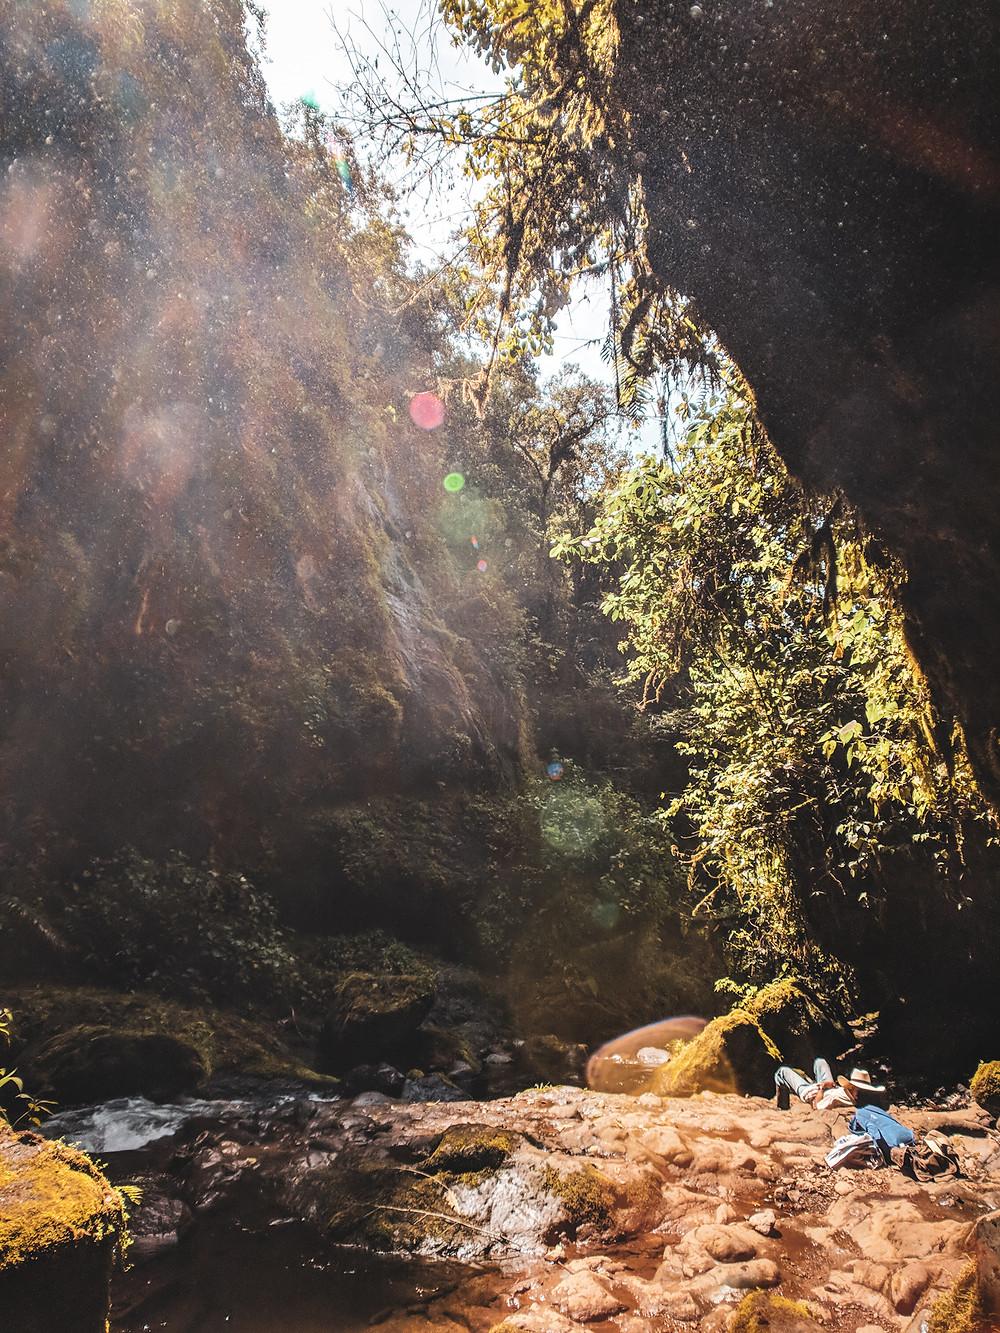 Sleeping near the waterfalls in Jardin, Colombia.